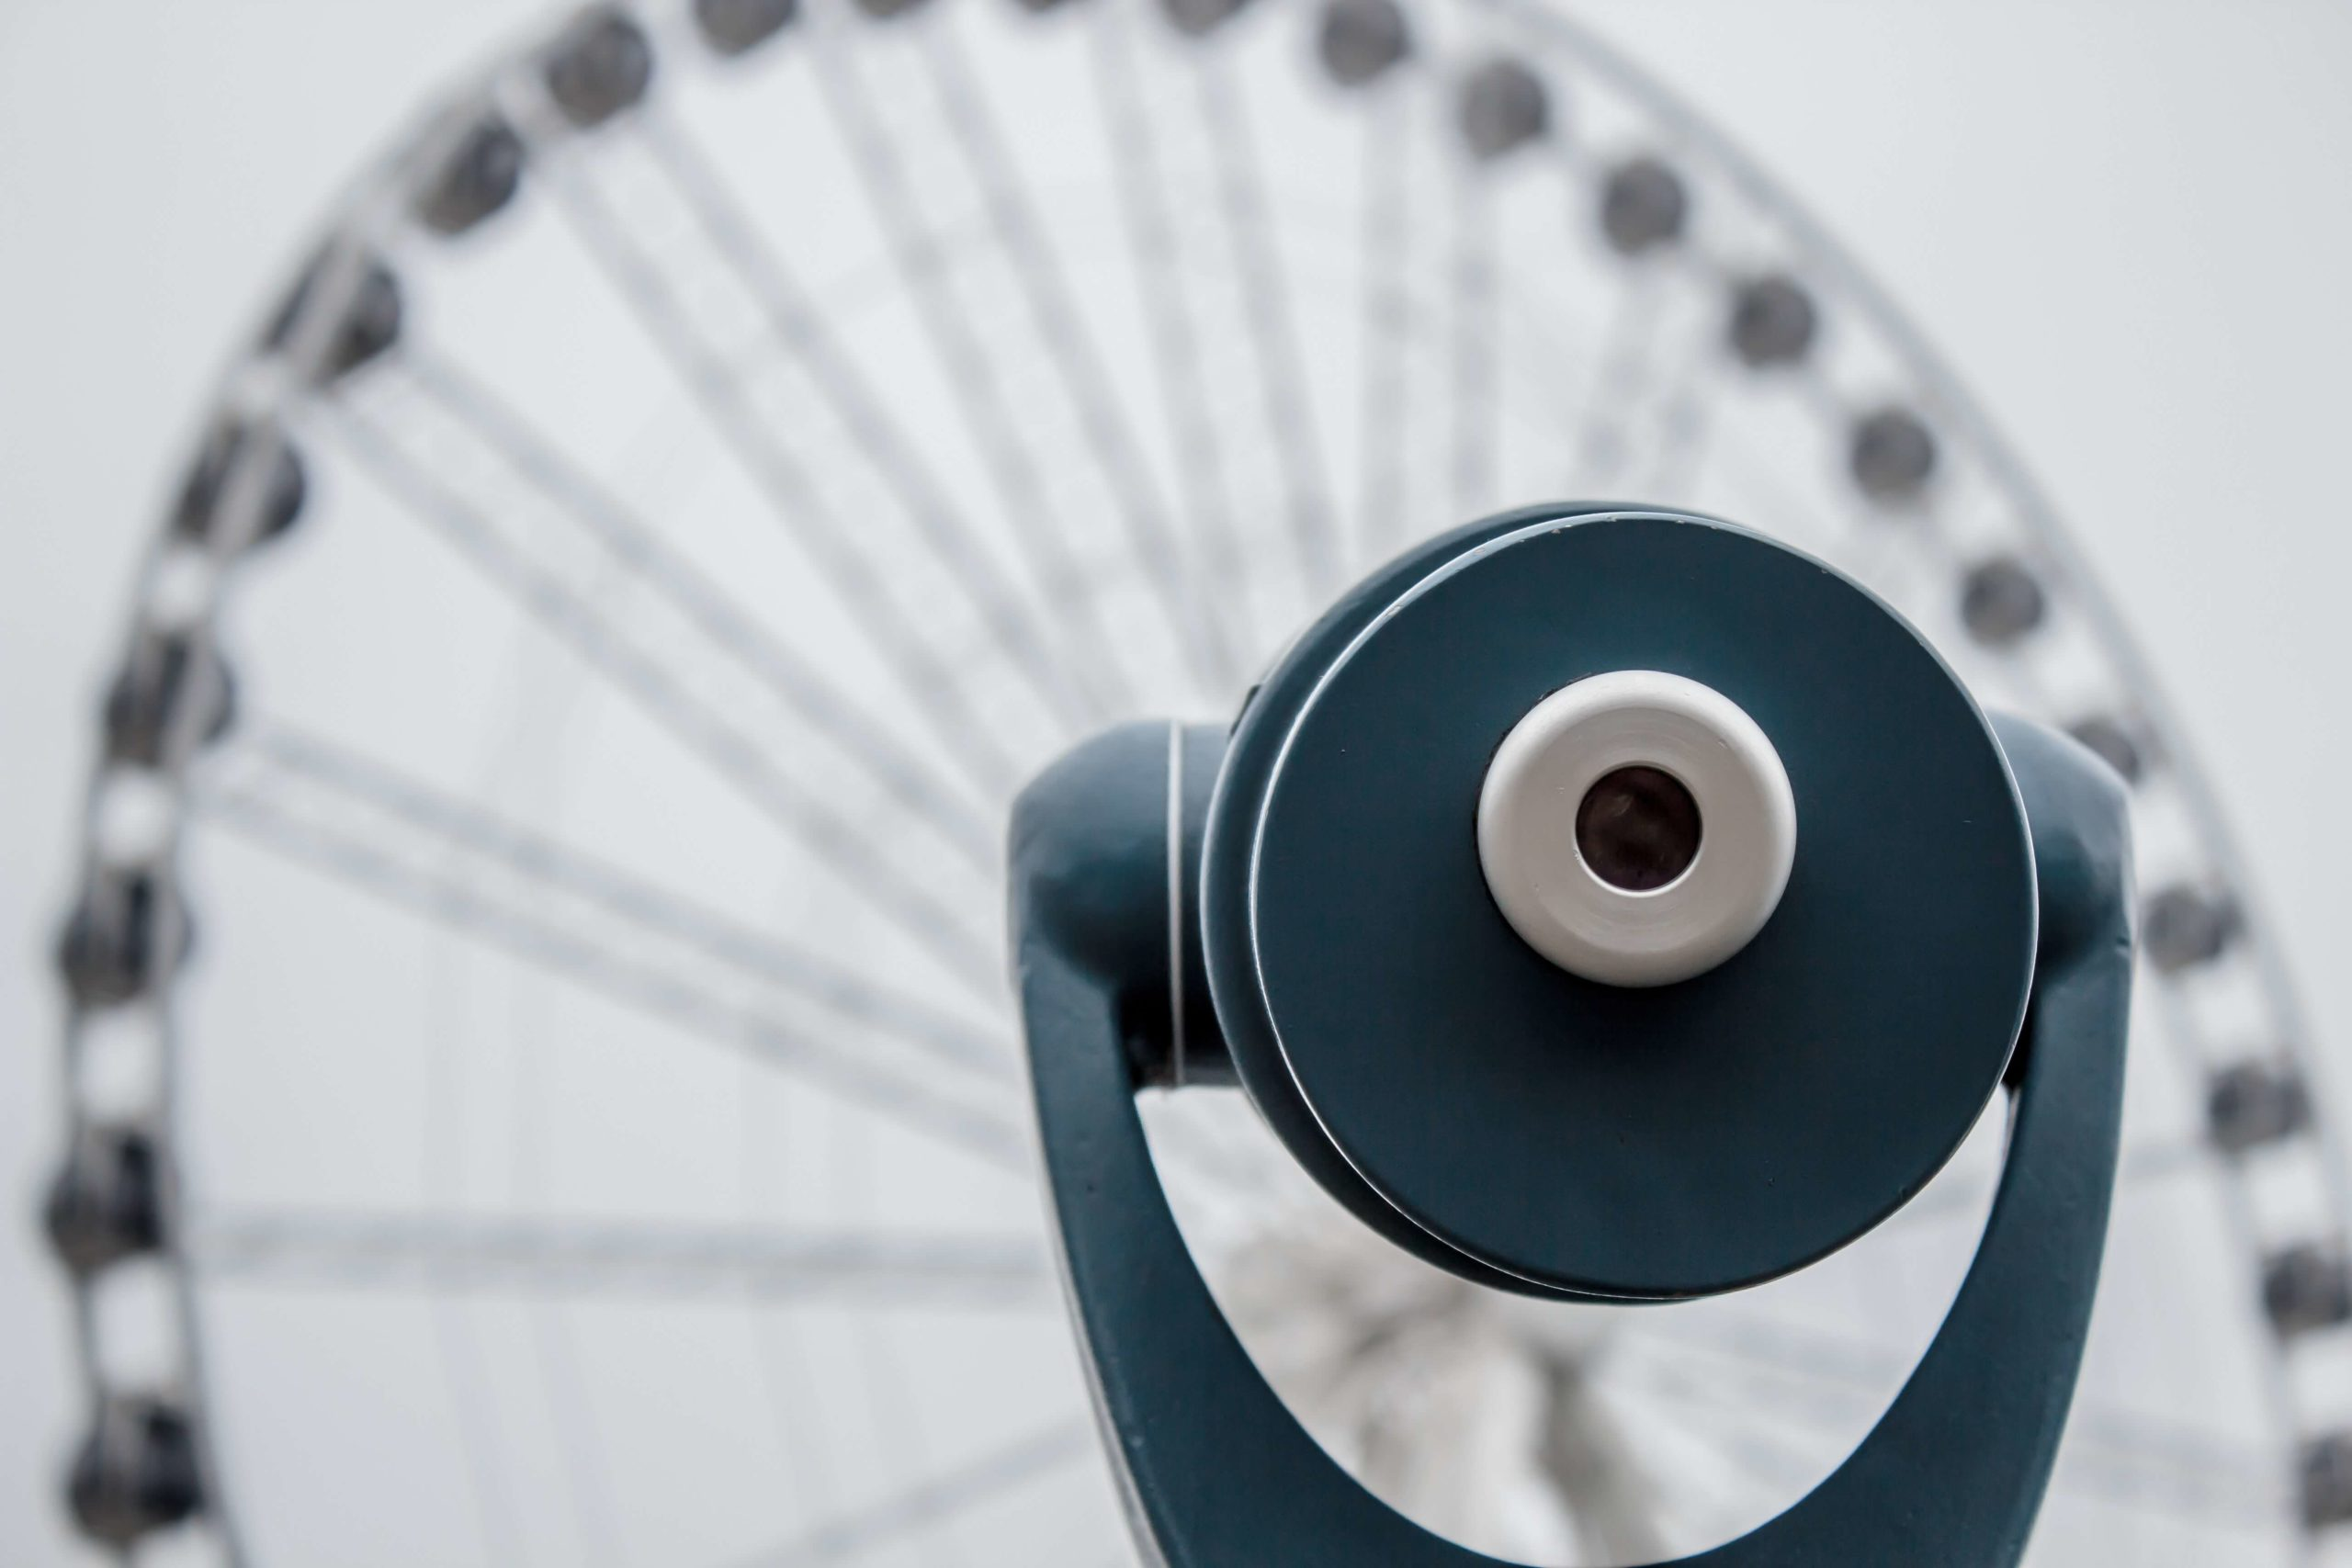 Fernglas mit Blick auf ein Riesenrad